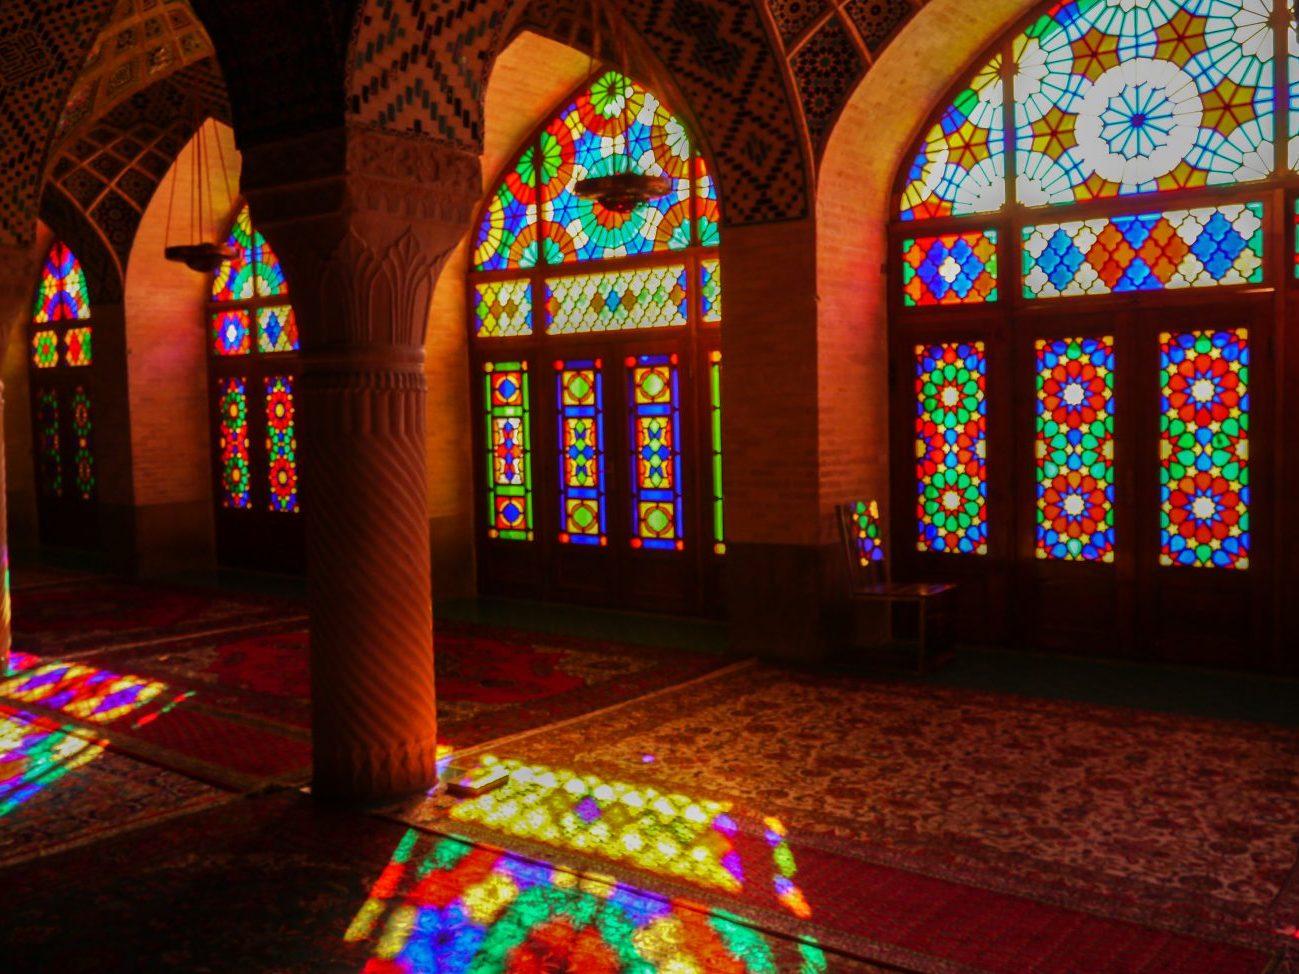 sziraz-rozowy-meczet-widziany-bez-rozowych-okularow